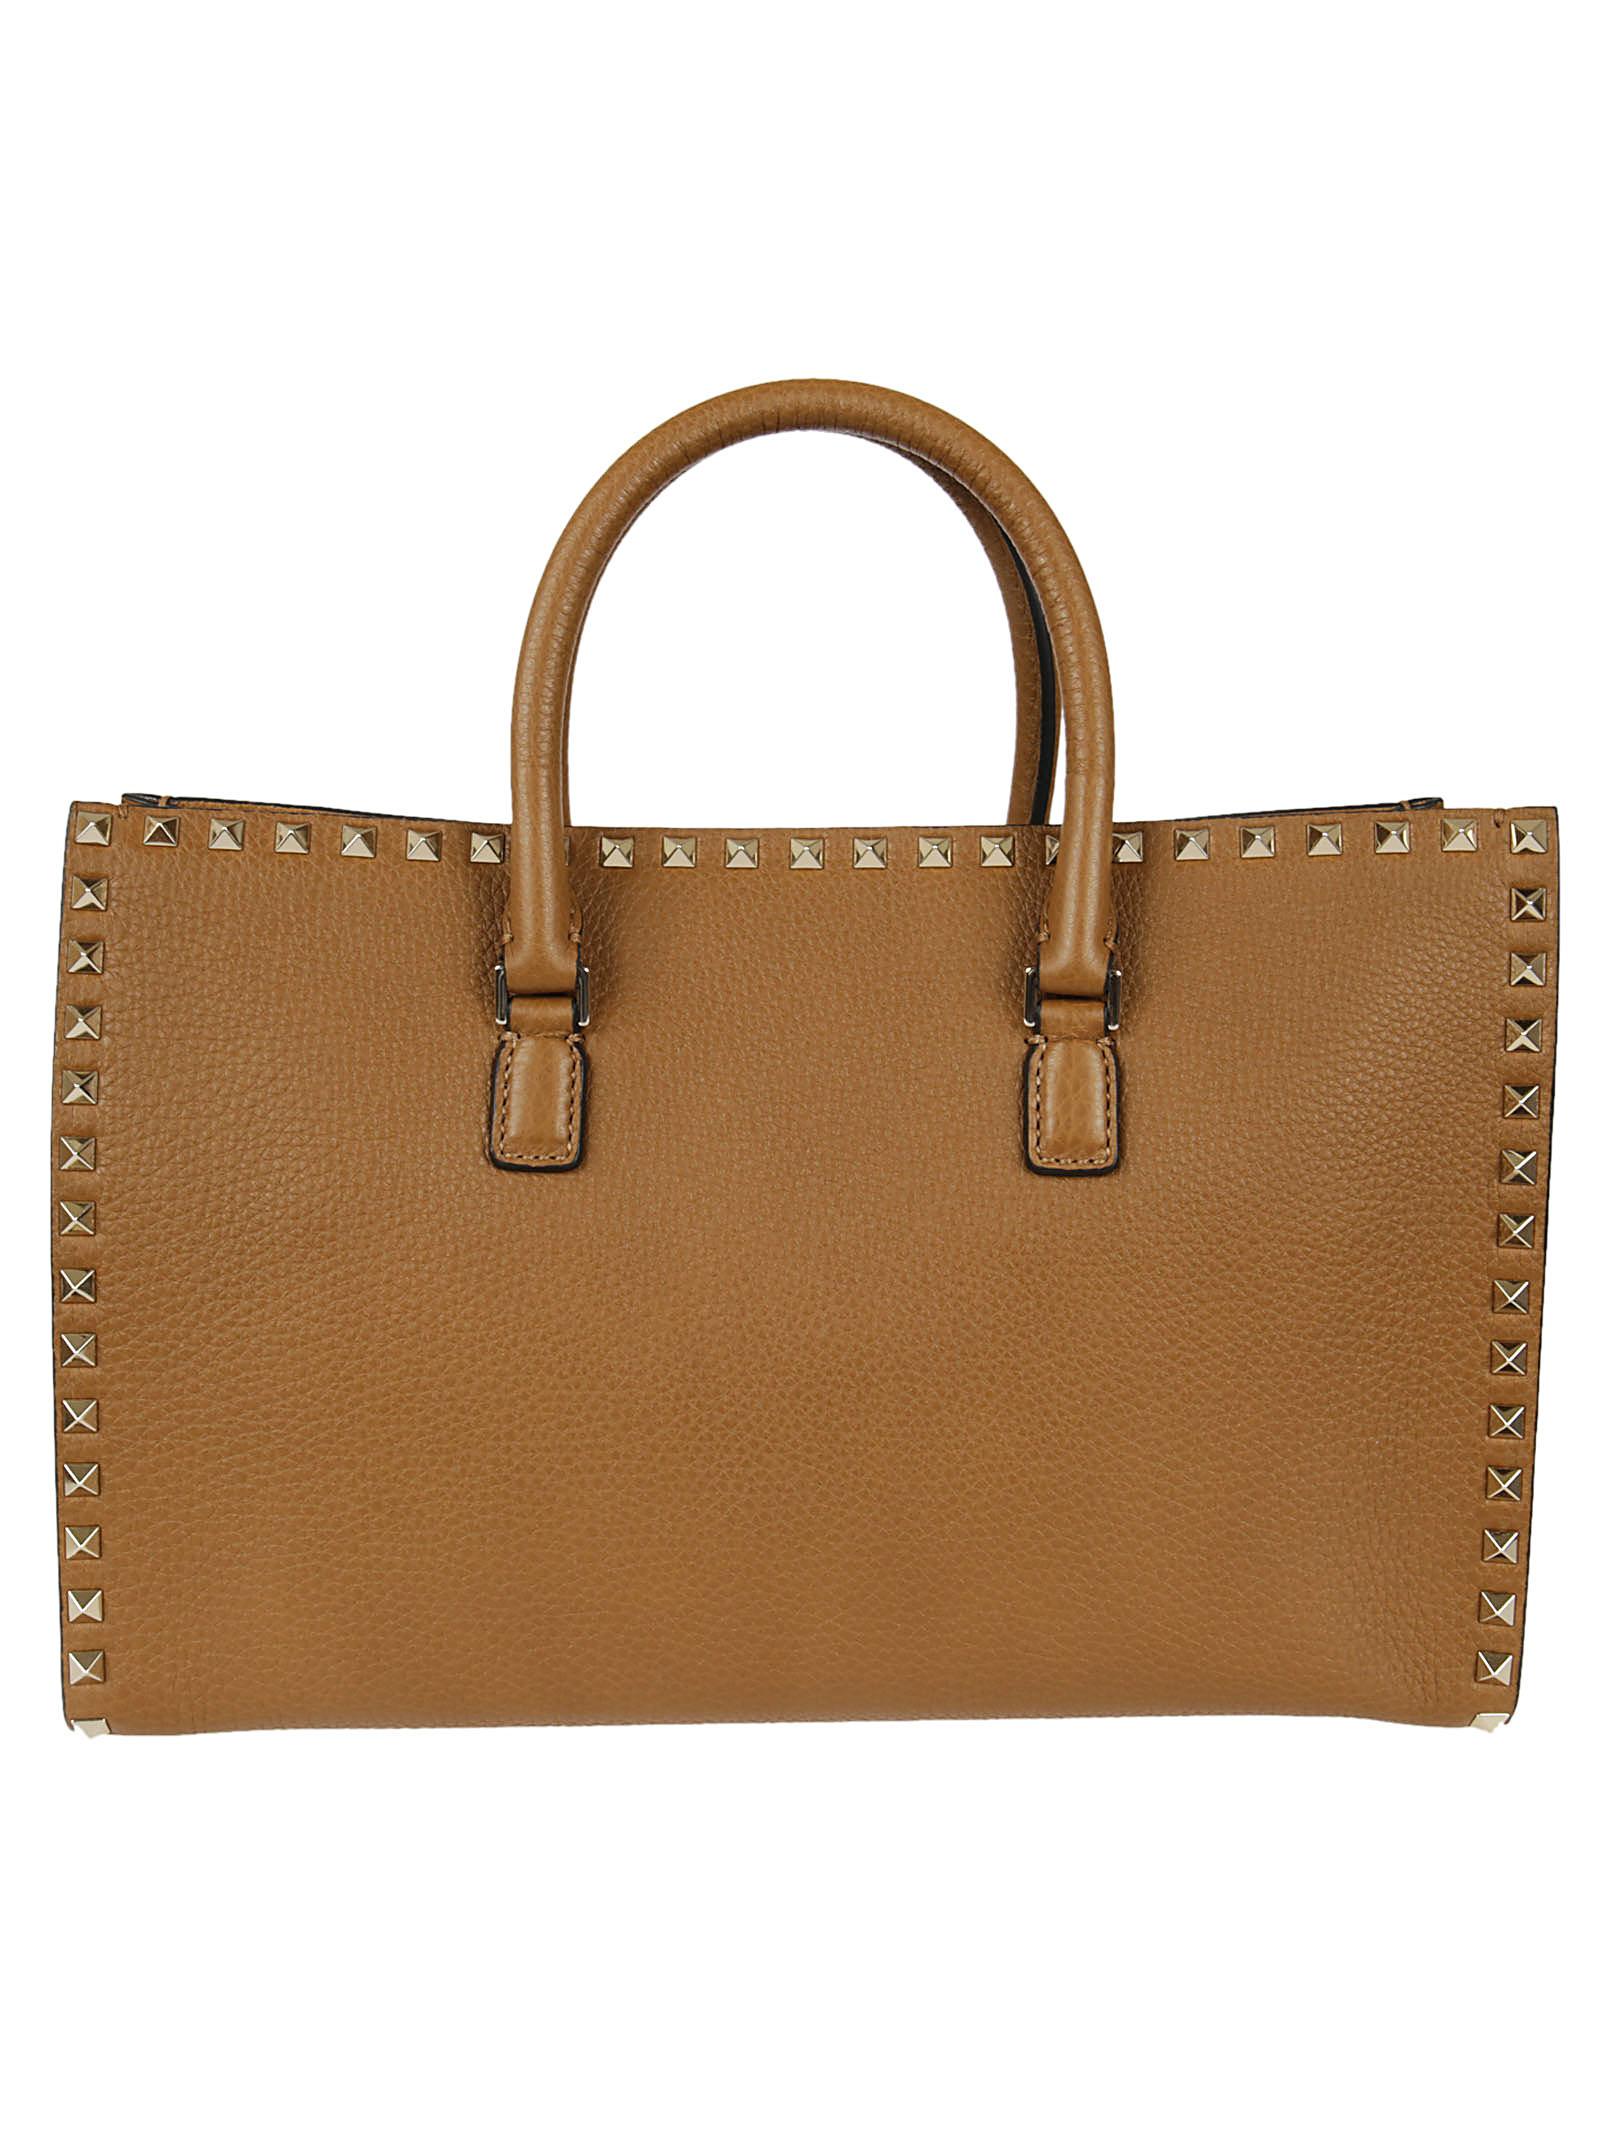 Valentino Garavani Valentino Garavani Rockstud Shopper Bag